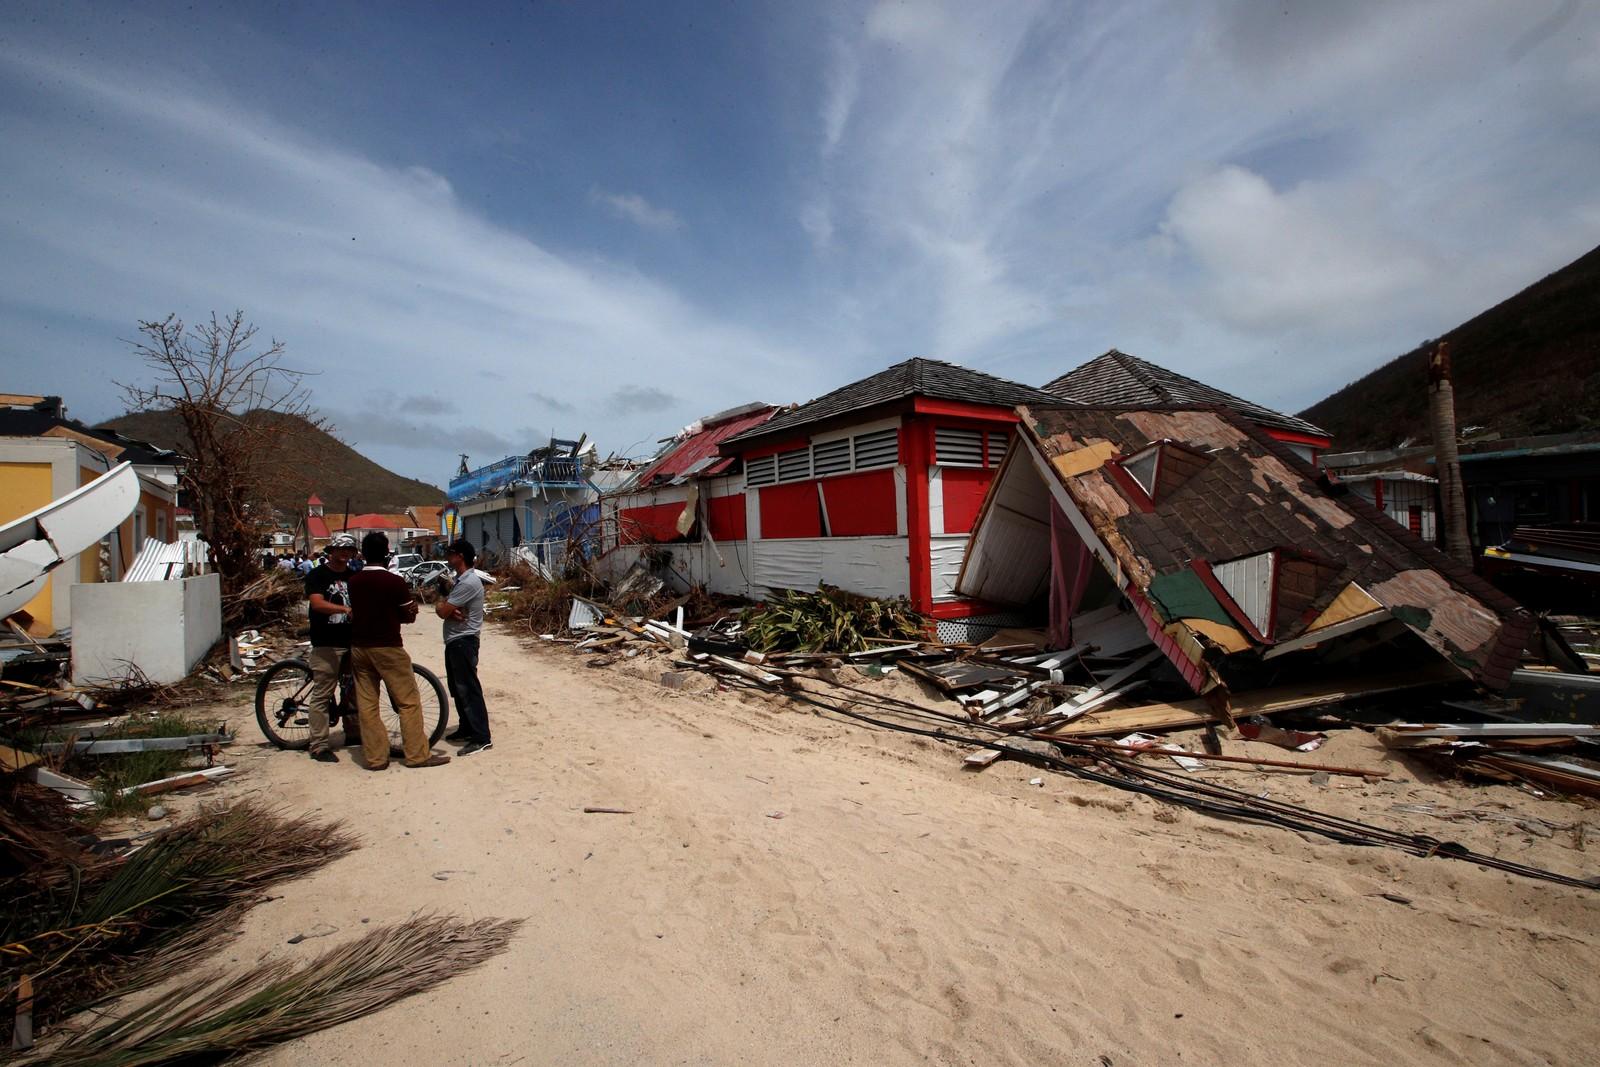 Store ødeleggelser i den franske delen av den karibiske øya St. Martin, etter at orkanen «Irma» har rast over øya.